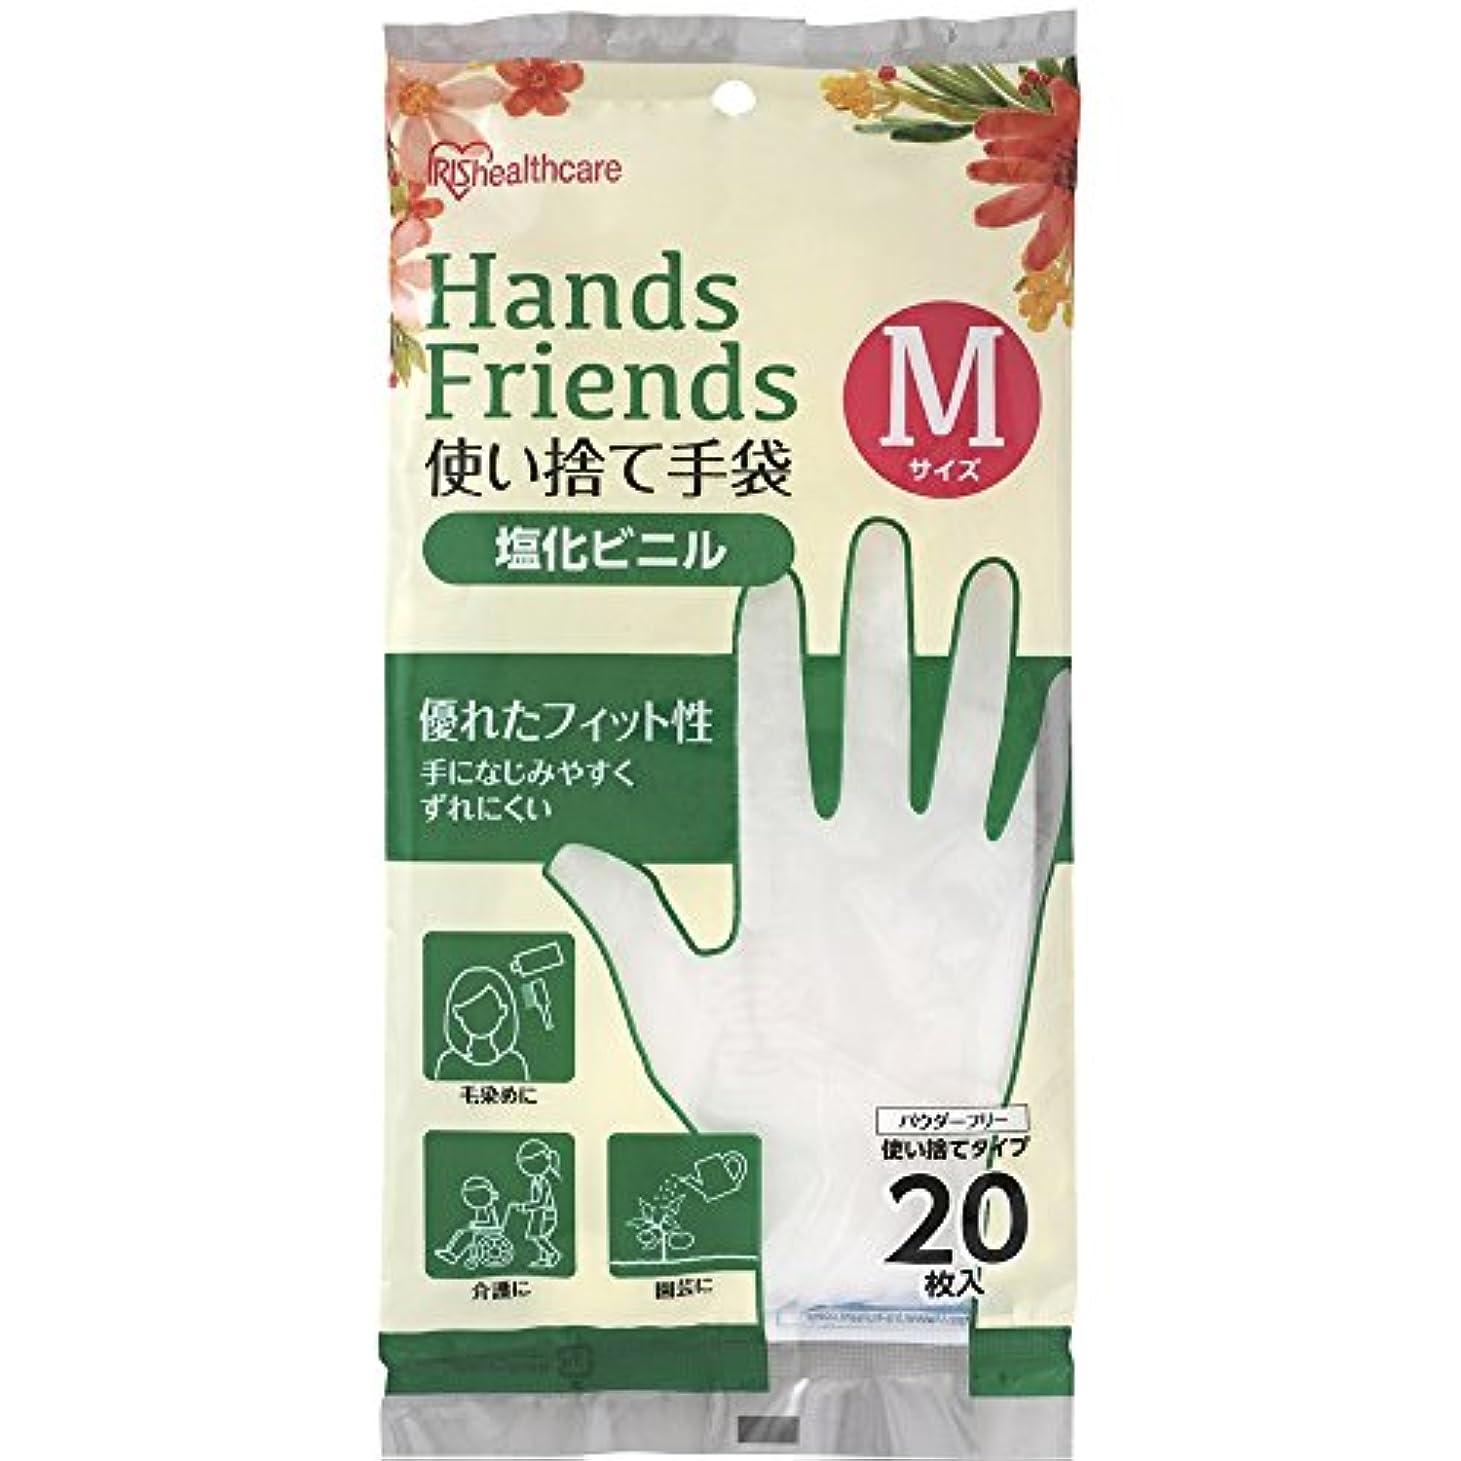 コスト解放する割合使い捨て手袋 クリア 塩化ビニル 20枚 Mサイズ PVC-20M